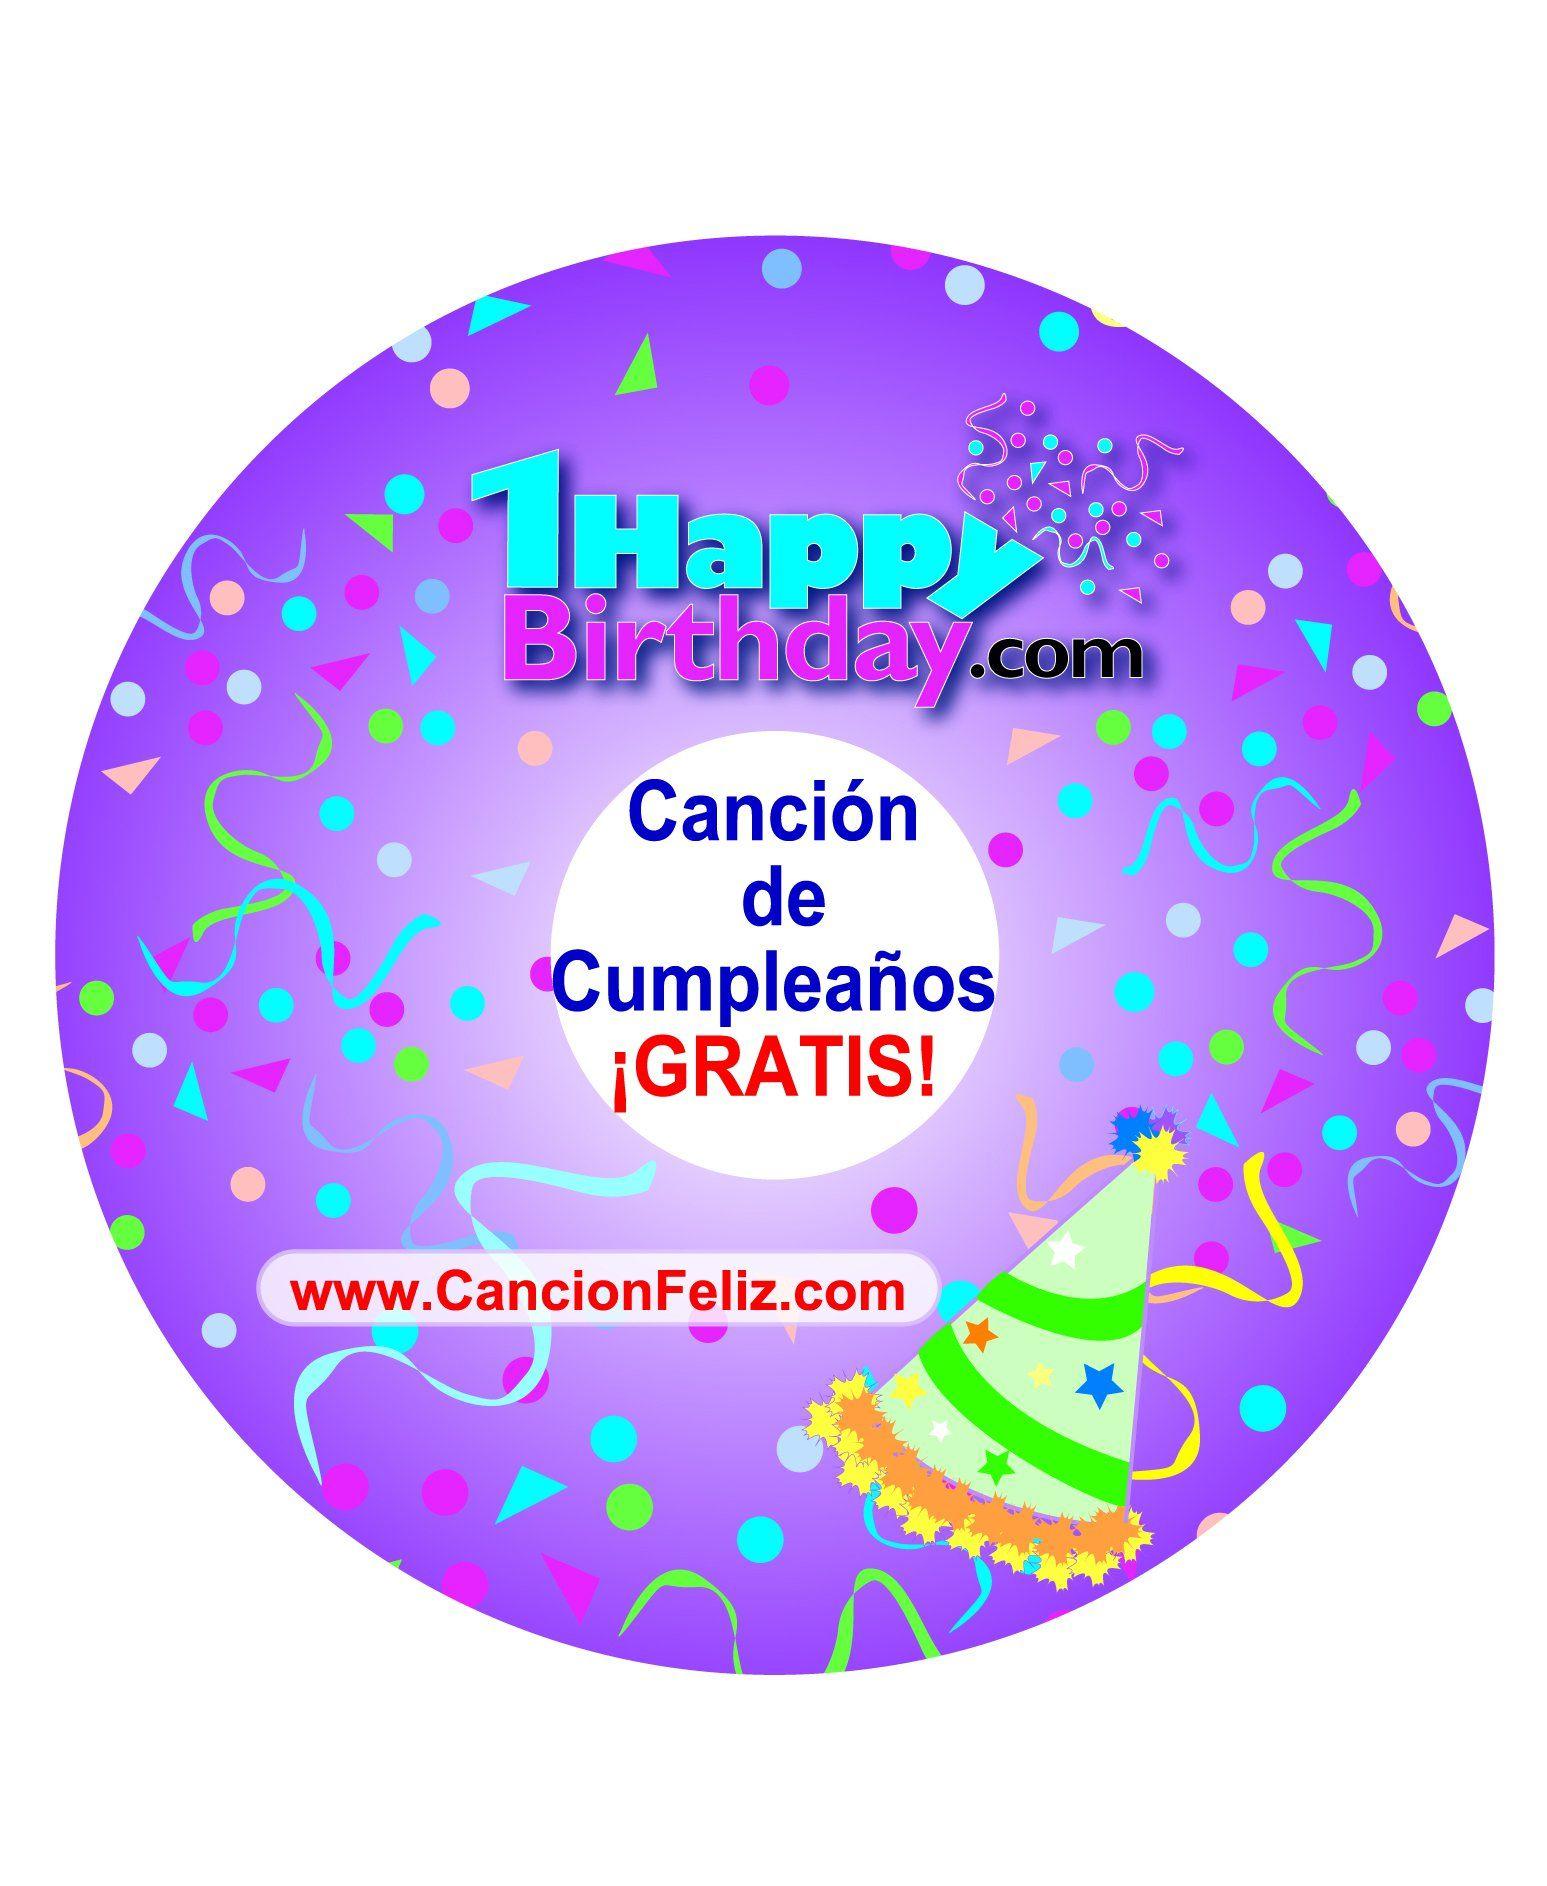 Happy Birthday Song Canciones De Cumpleaños Cancion De Cumpleaños Personalizada Canciones De Feliz Cumpleaños